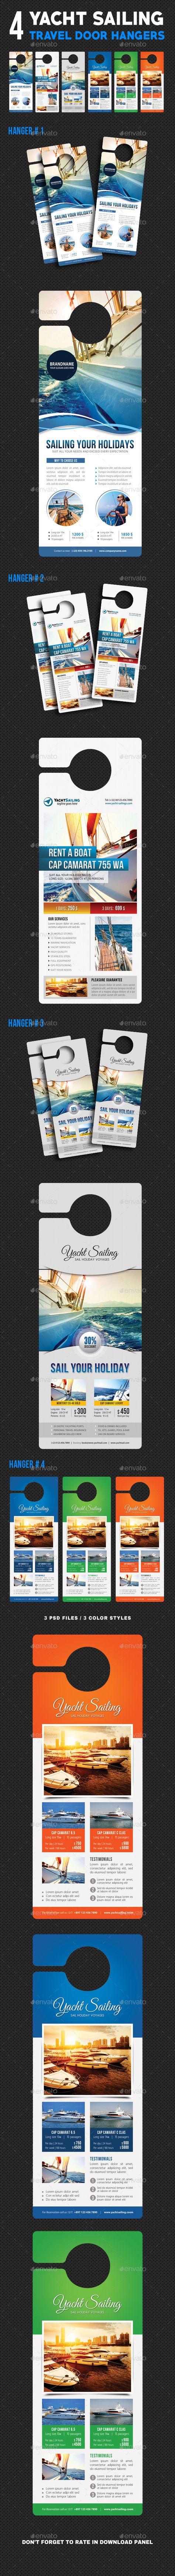 4 Sailing Yacht Travel Door Hanger Bundle